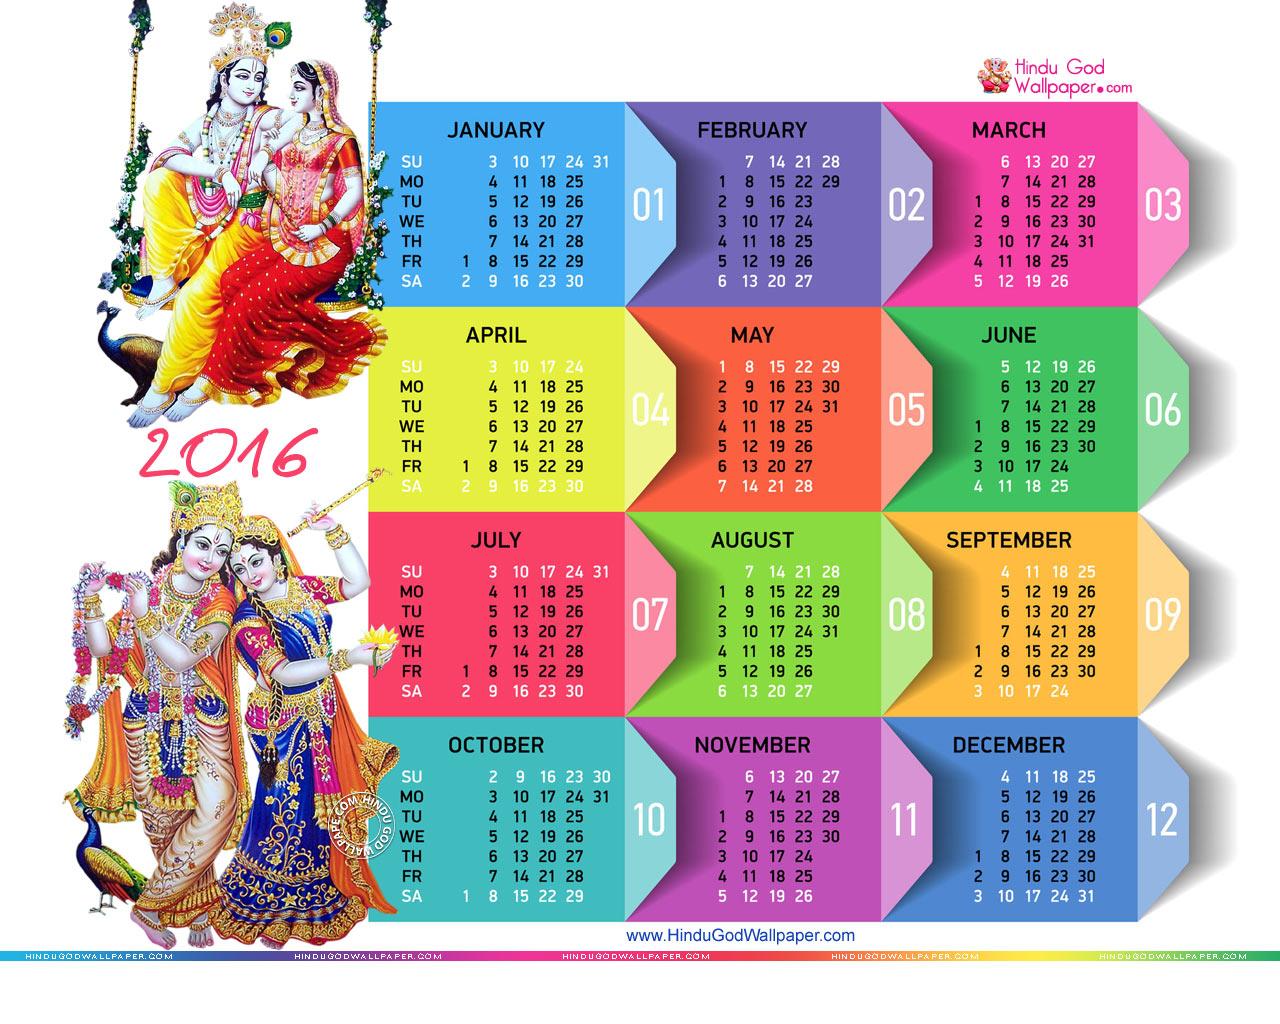 Christian Wallpaper Calendar : Christian calendar wallpaper wallpapersafari